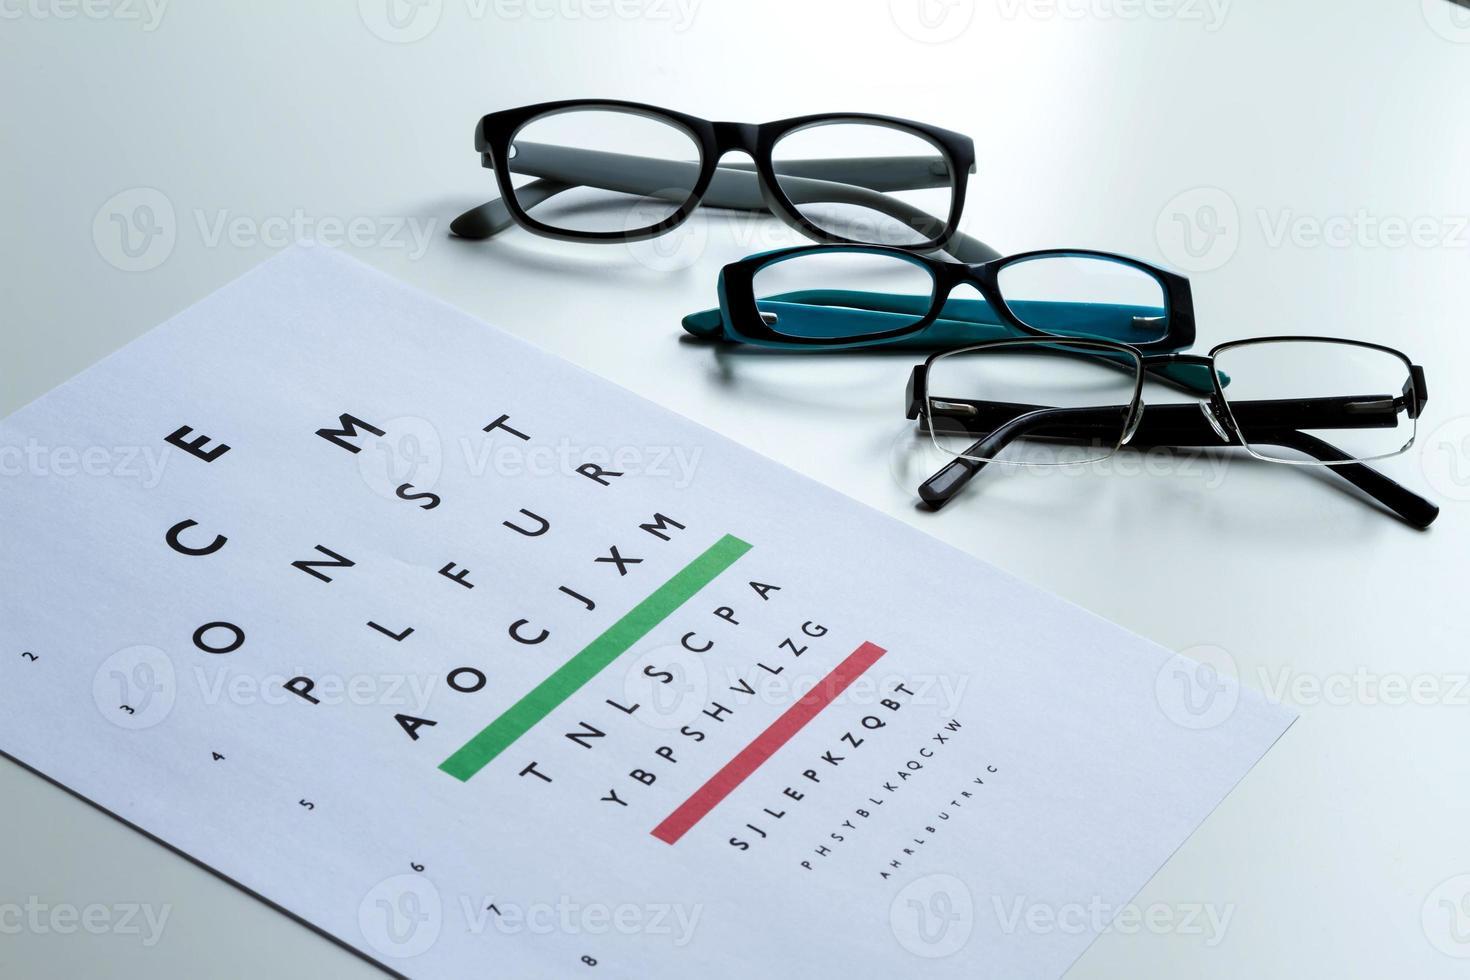 prueba de ojos foto